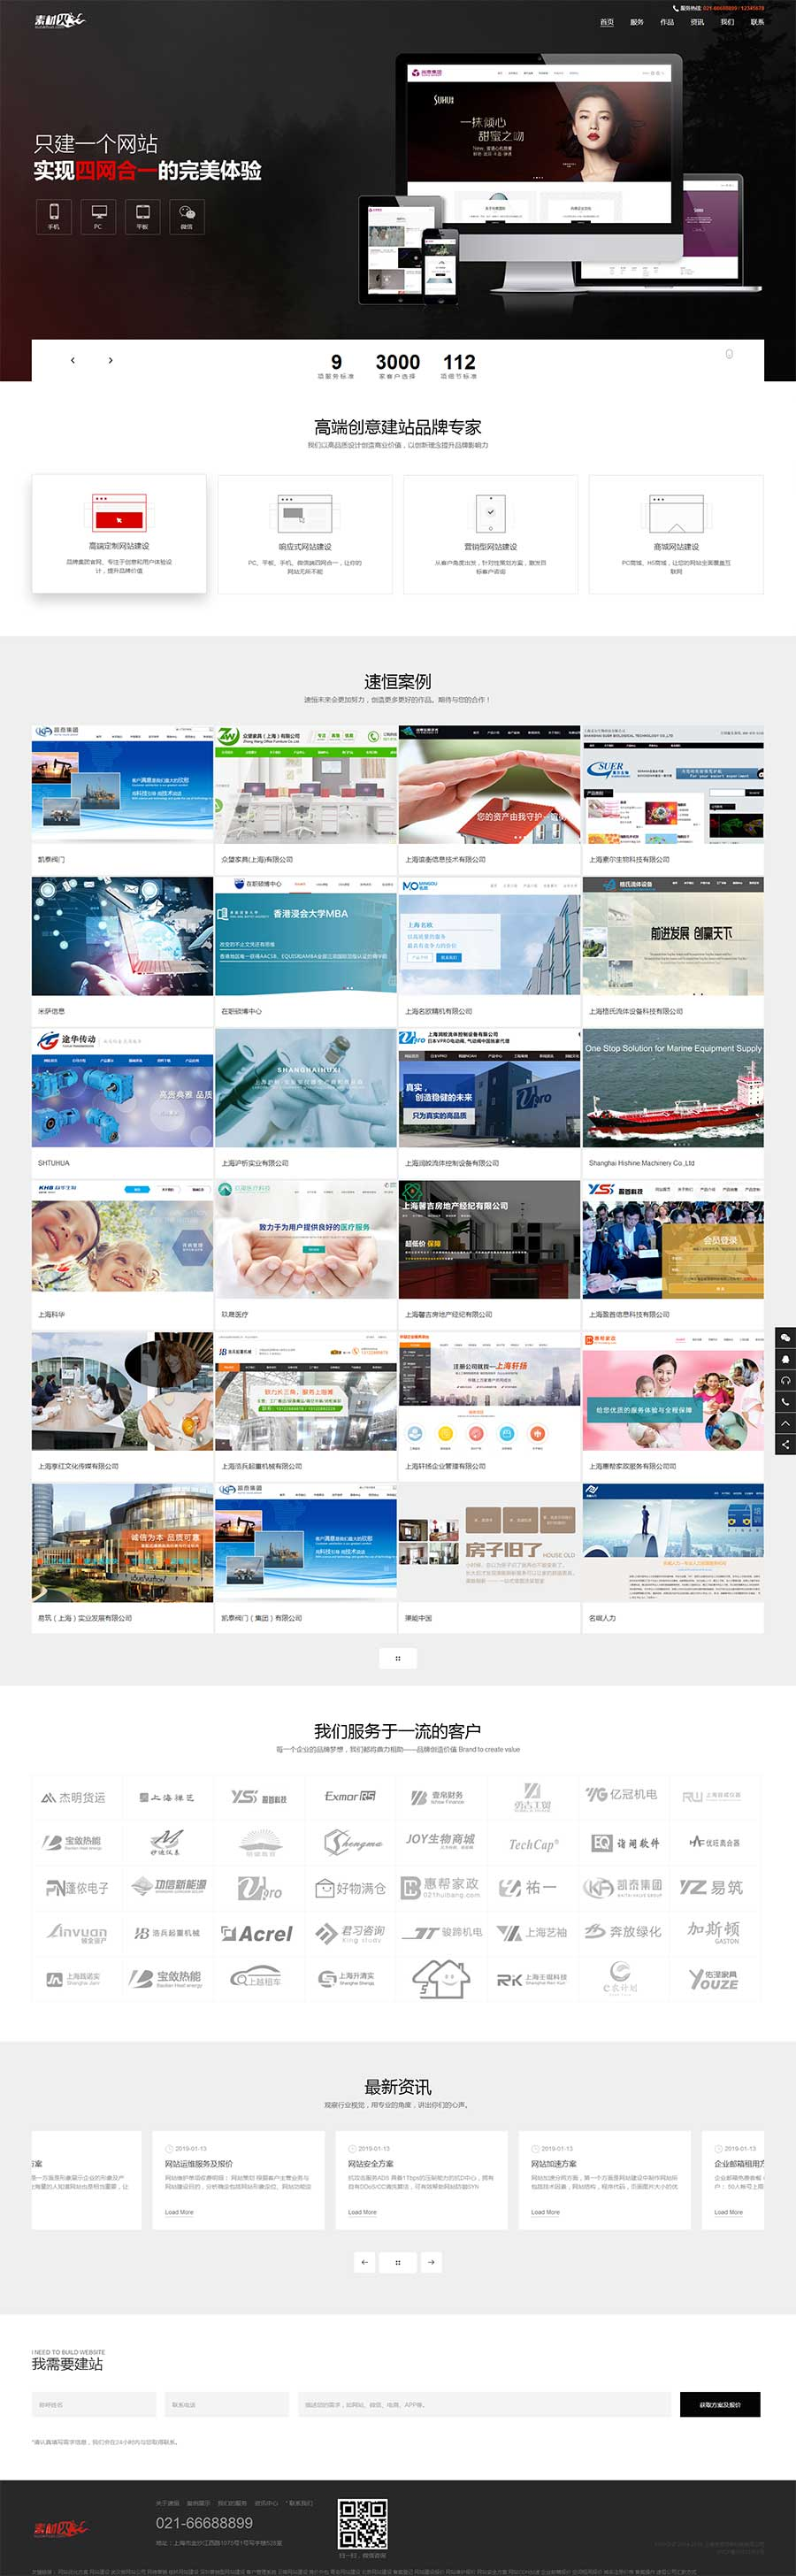 html5創意高端品牌建站服務公司響應式網站模板